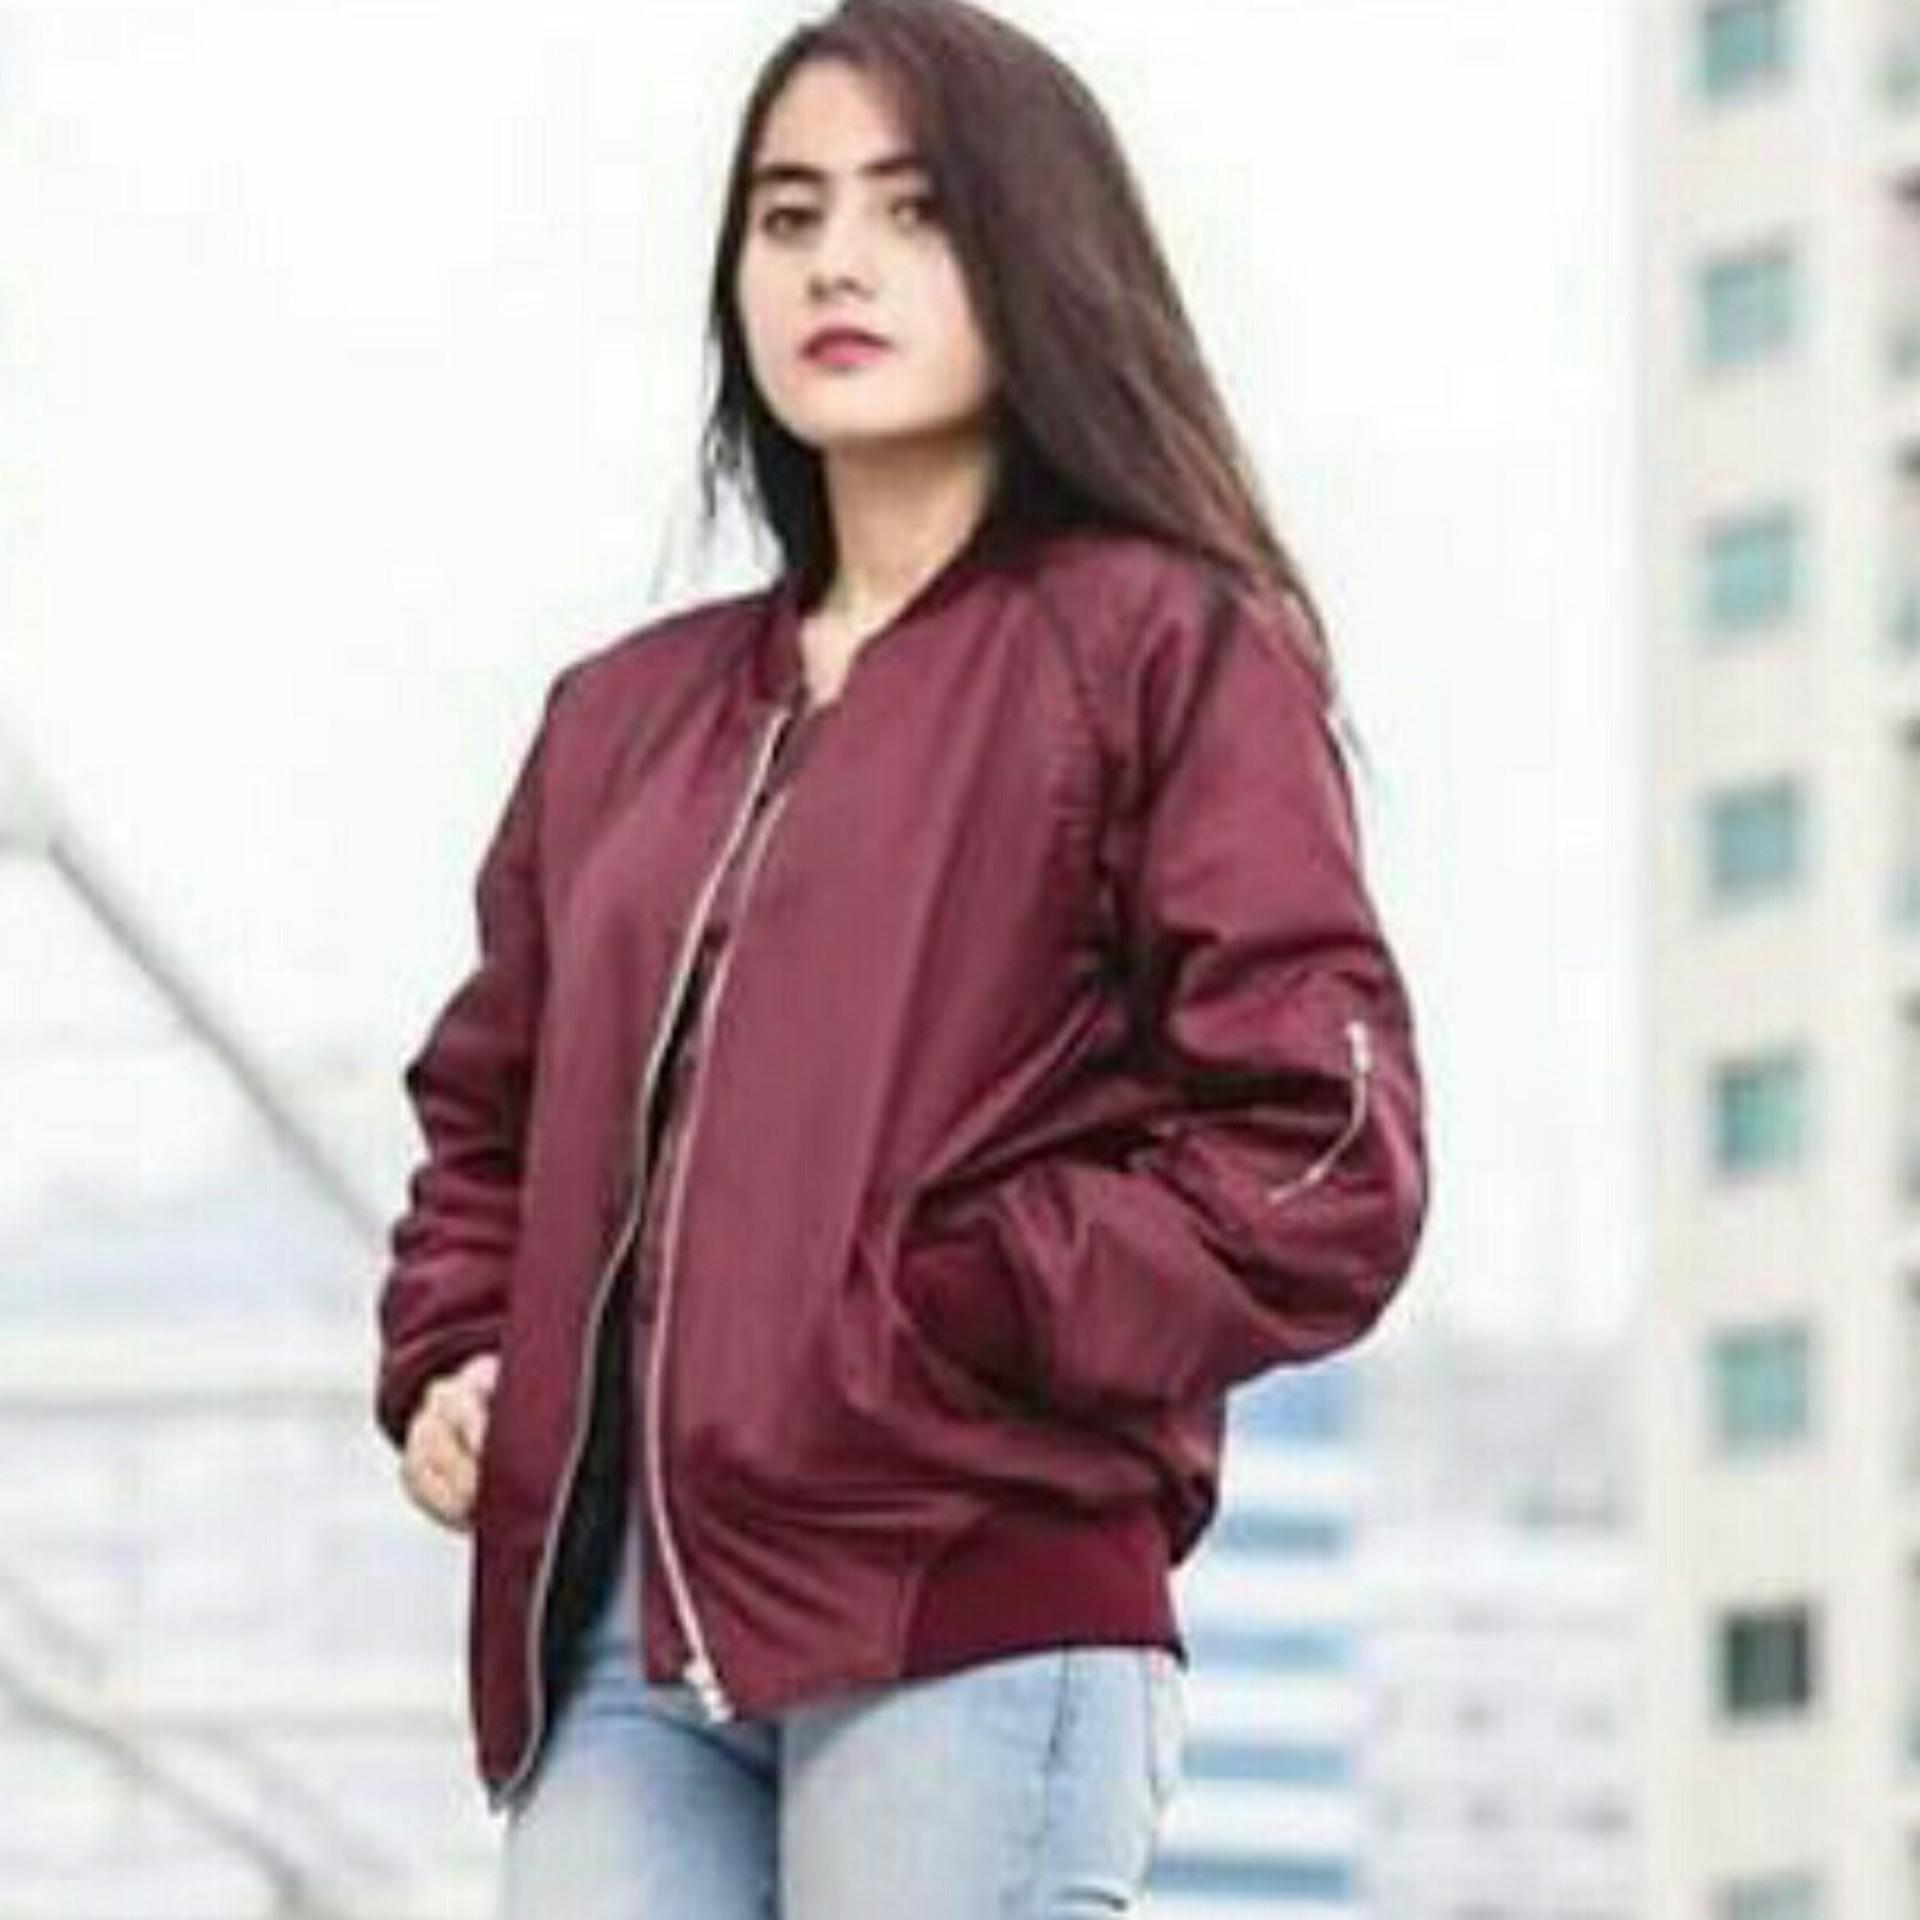 Beli Jaket Bomber My Wanita Slim Green Red Maroon Premium Murah Dengan Kartu Kredit